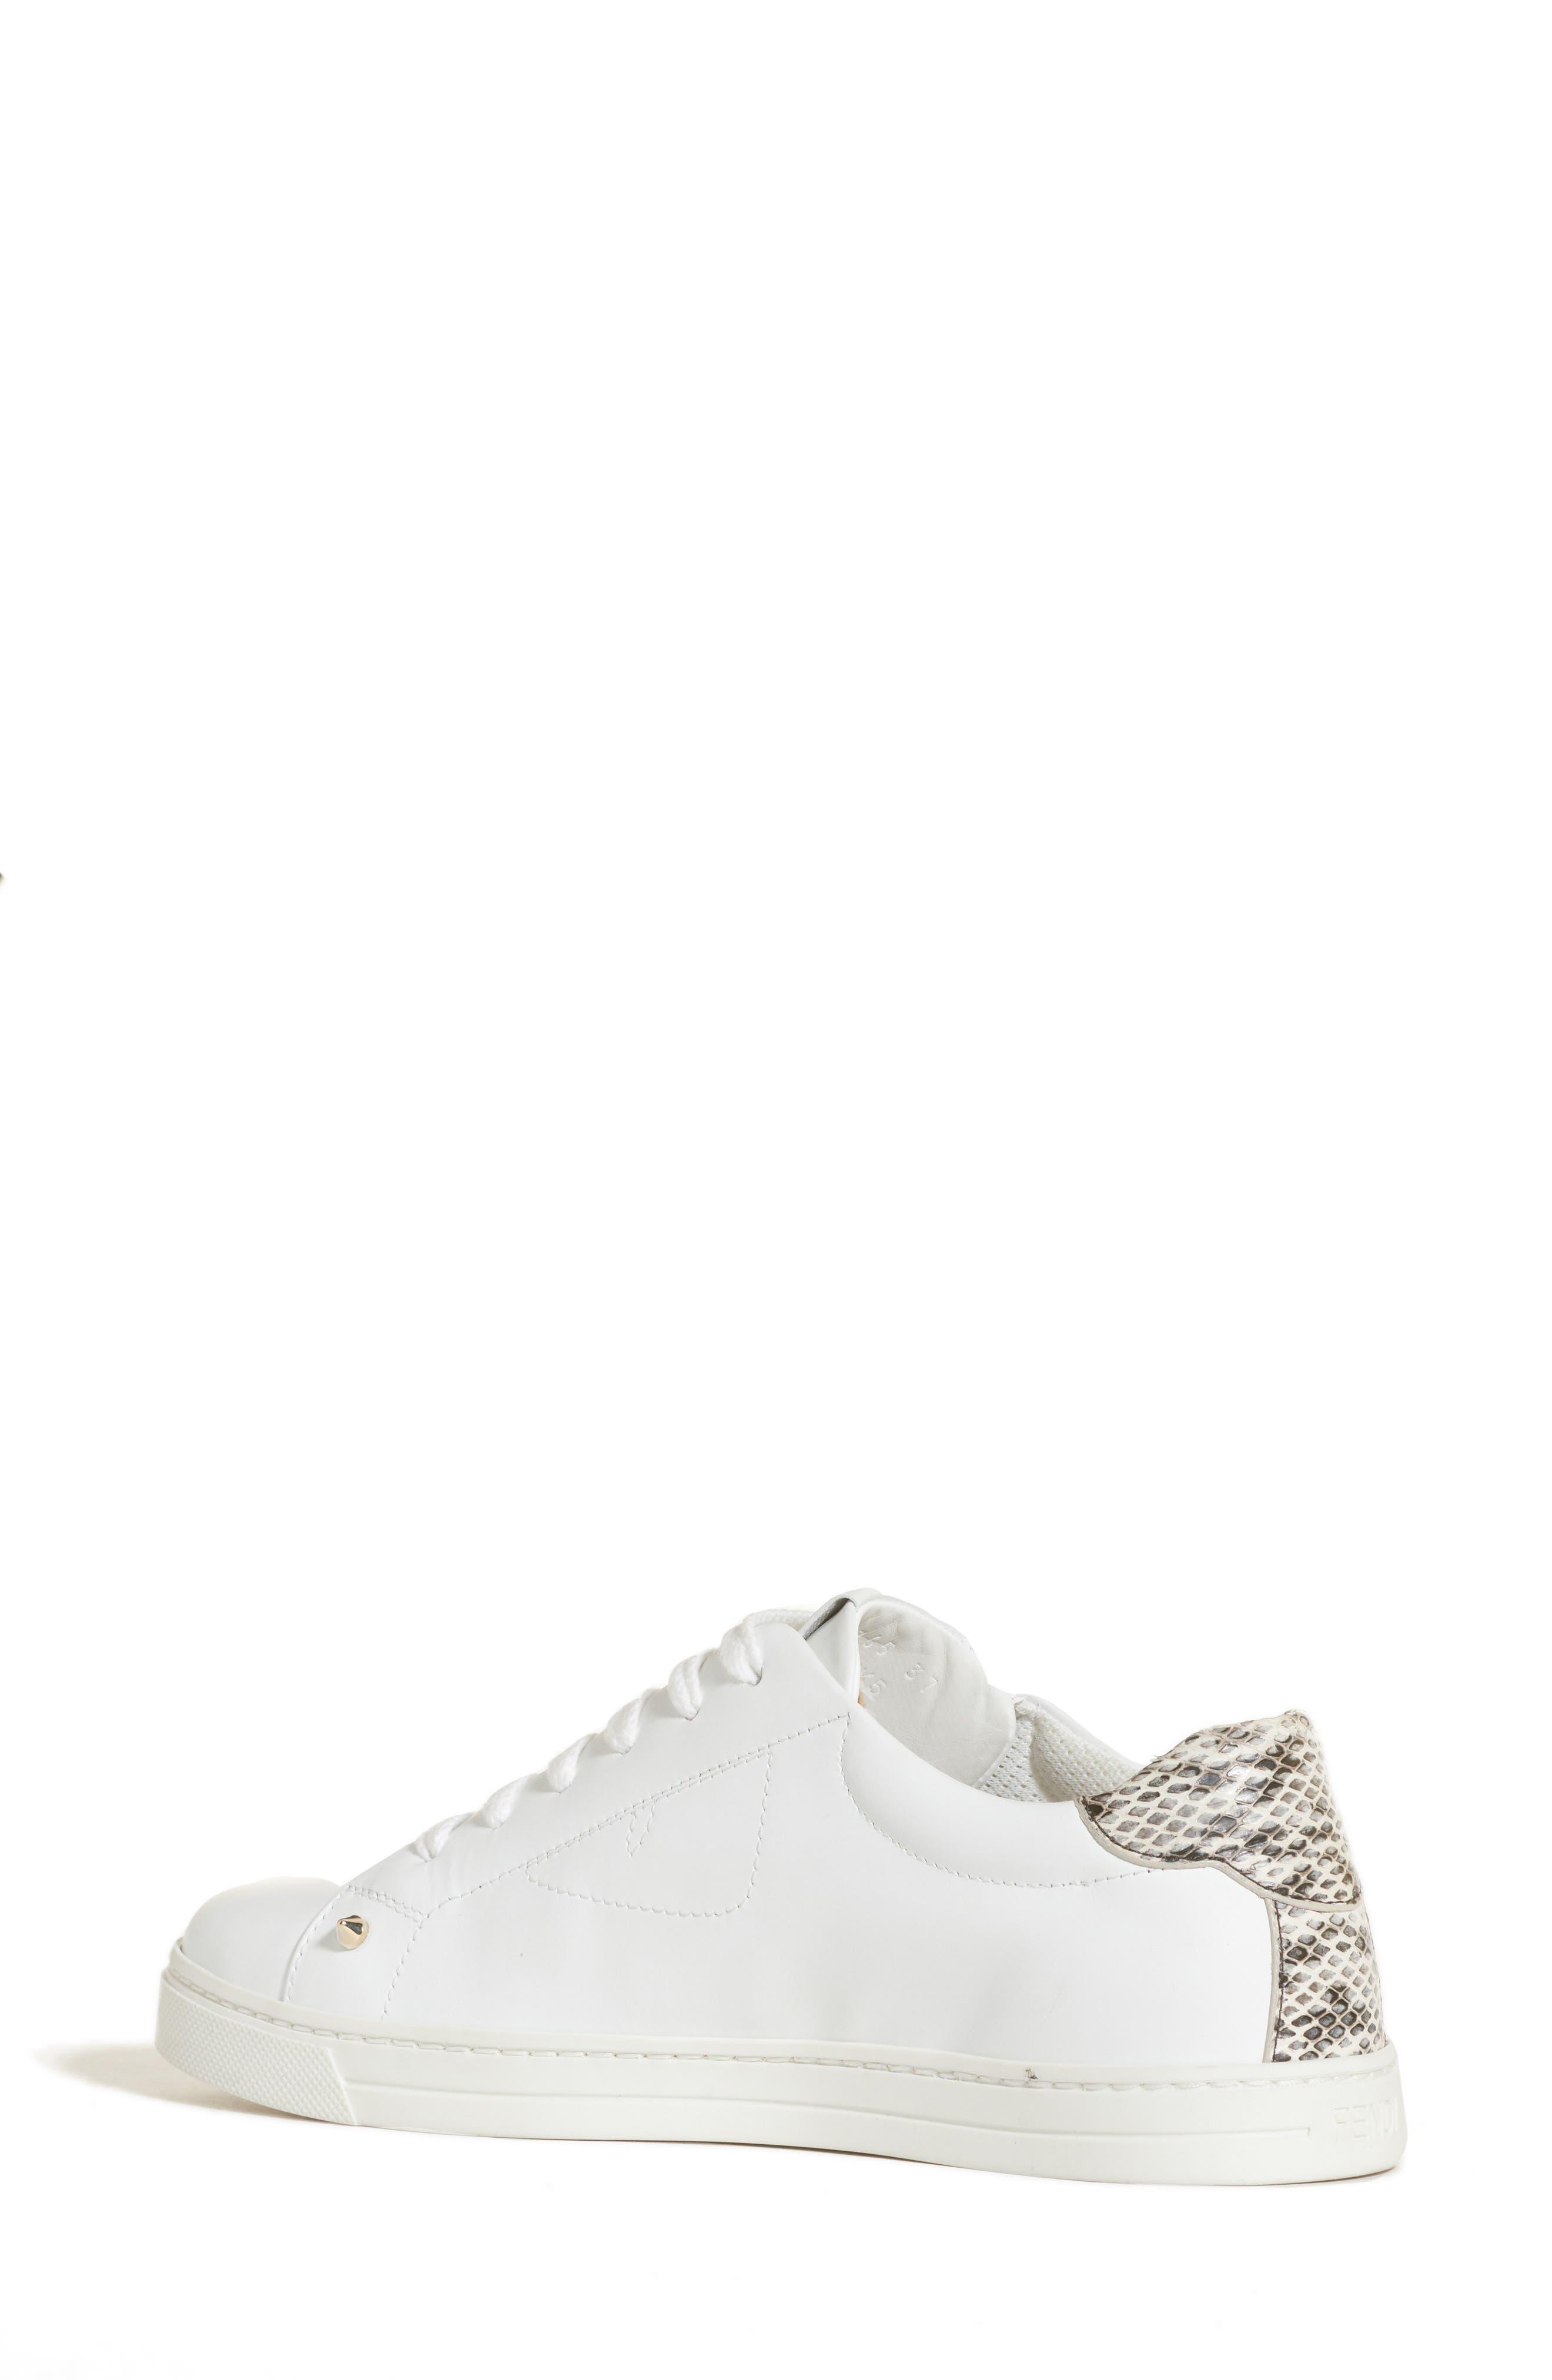 Bugs Sneaker,                             Alternate thumbnail 2, color,                             WHITE/ SNAKEPRINT